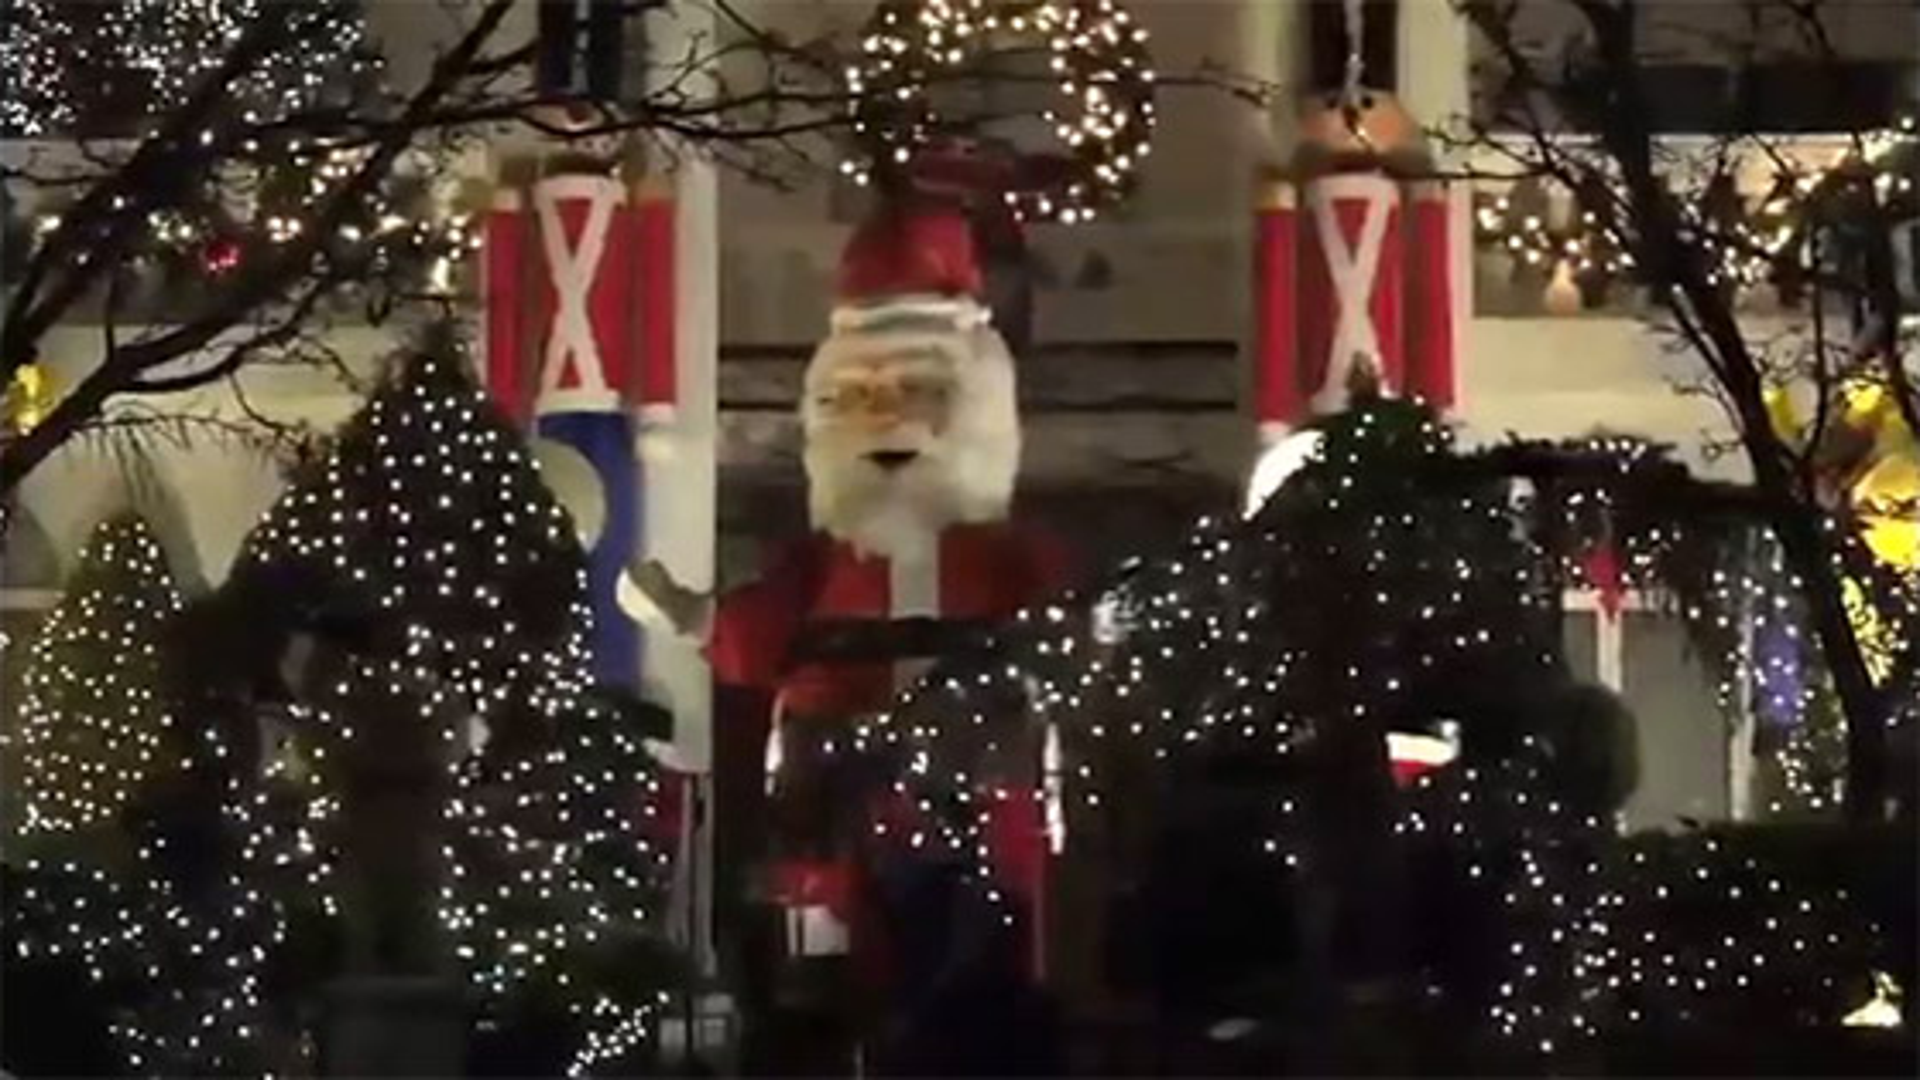 حال و هوای کریسمس و سال نو مسیحی در آمریکا   فیلم